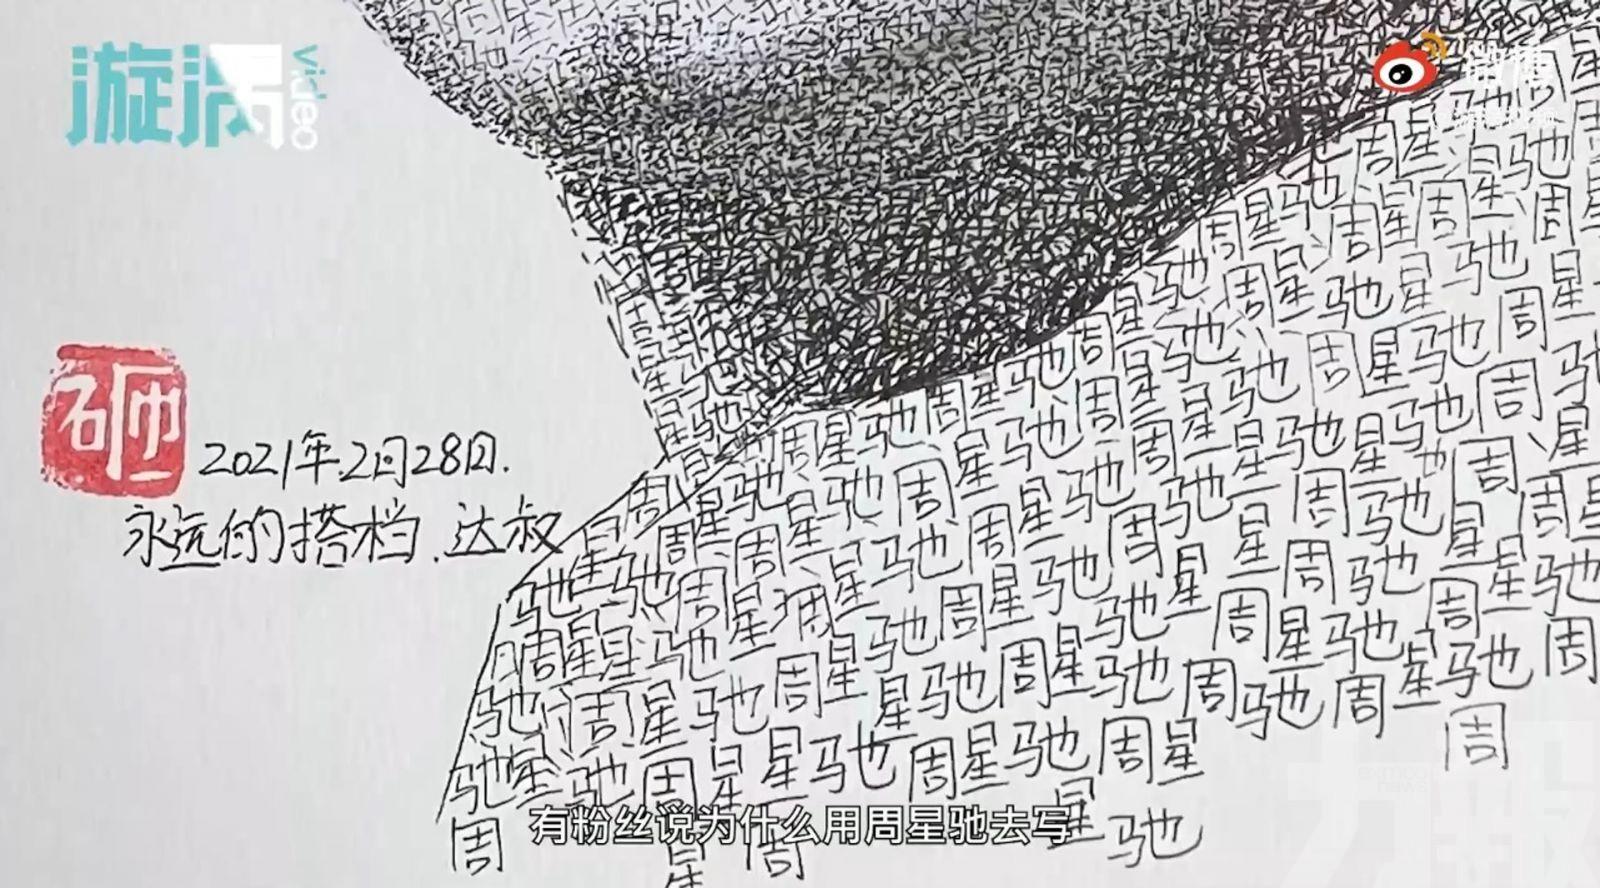 繪出吳孟達畫像 形容兩人是最完美搭檔